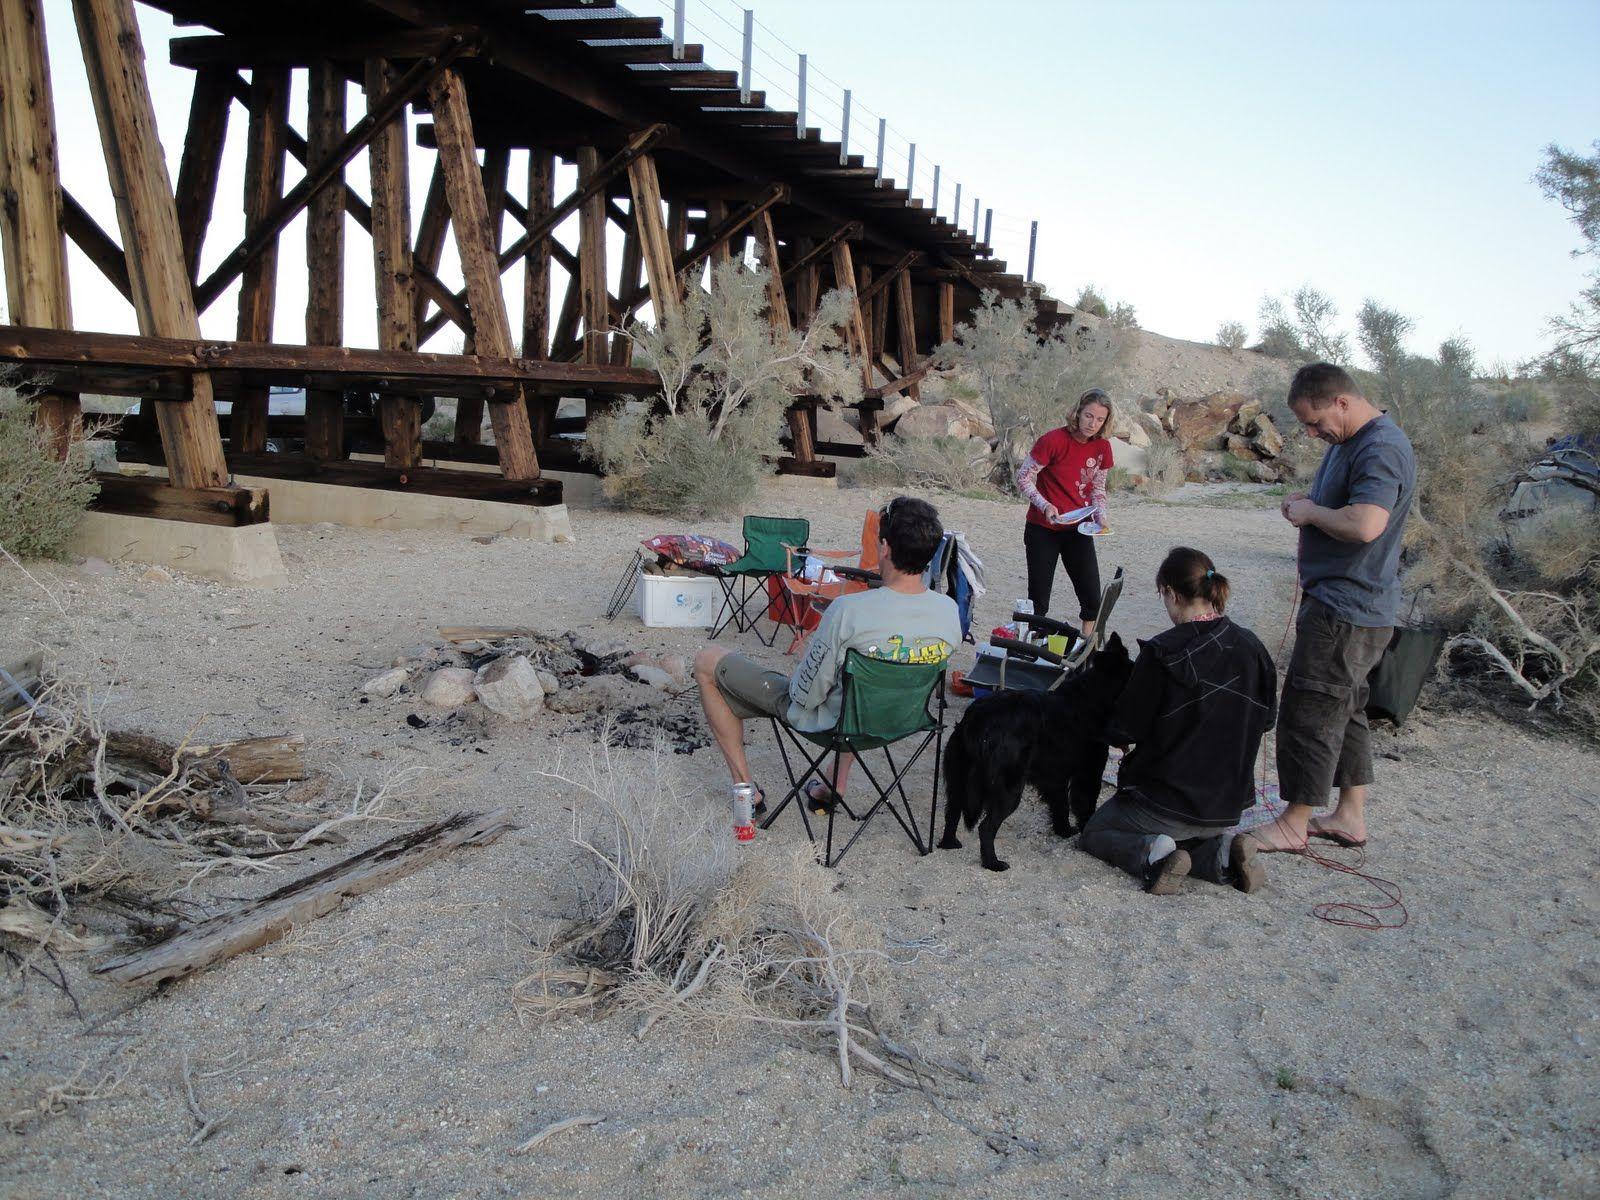 Our campsite near a small trestle at Dos Cabezas